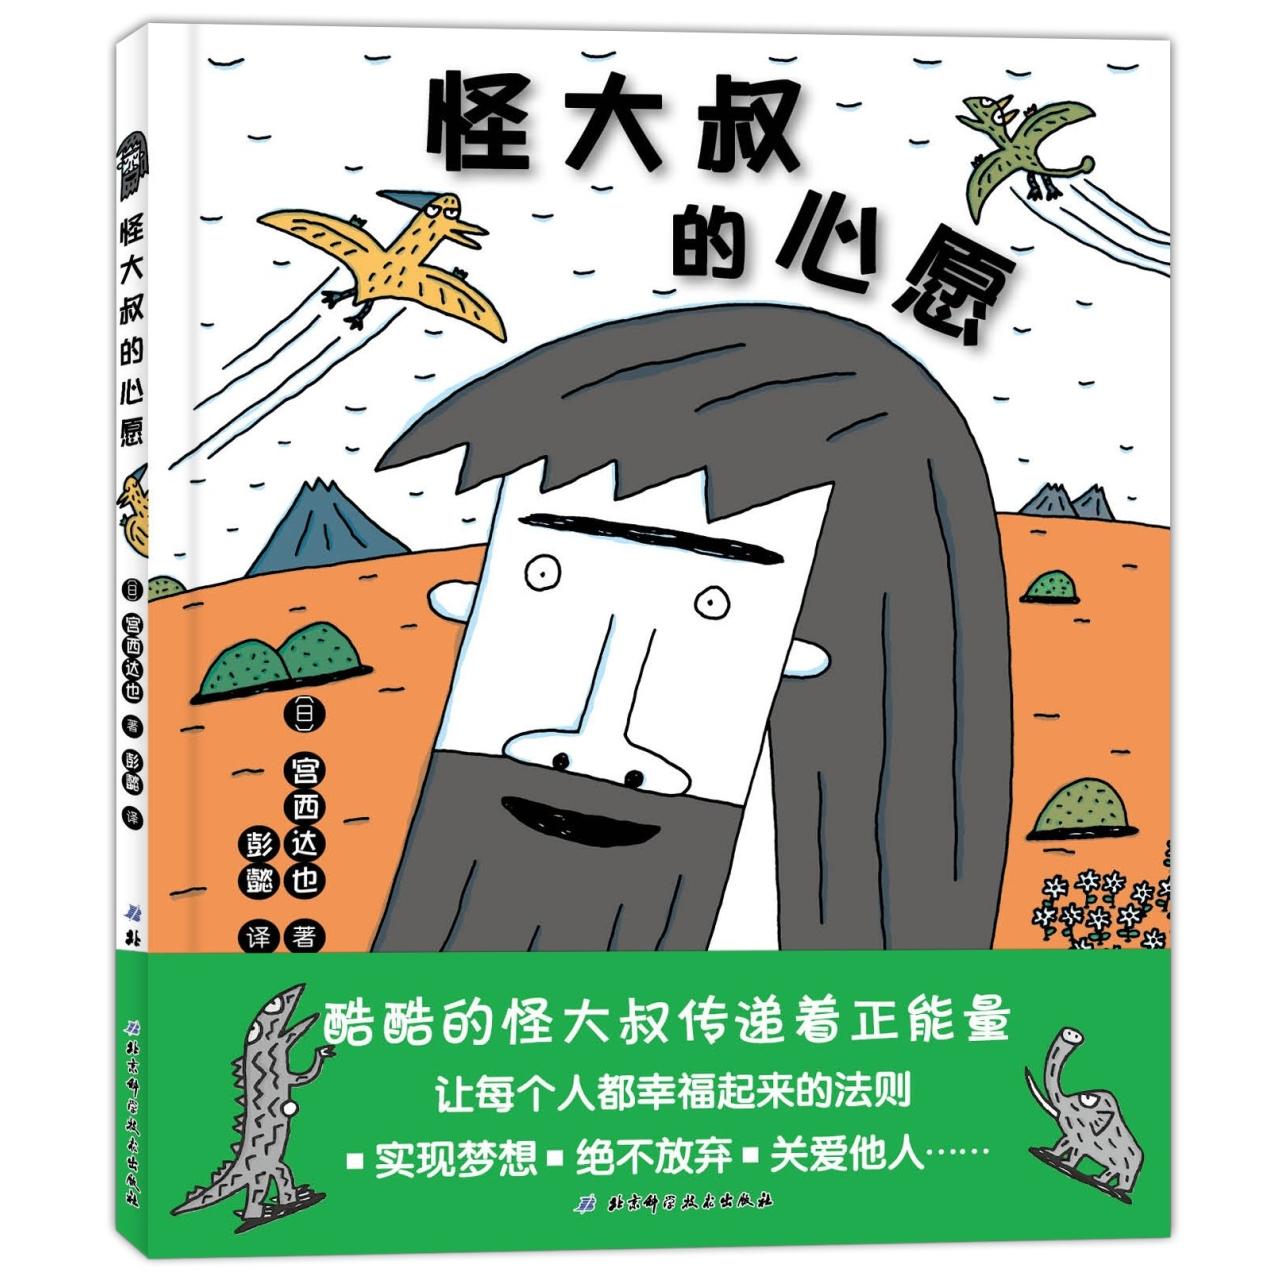 怪大叔的心愿(平装)【儿童绘本/翻译绘本/有趣故事】